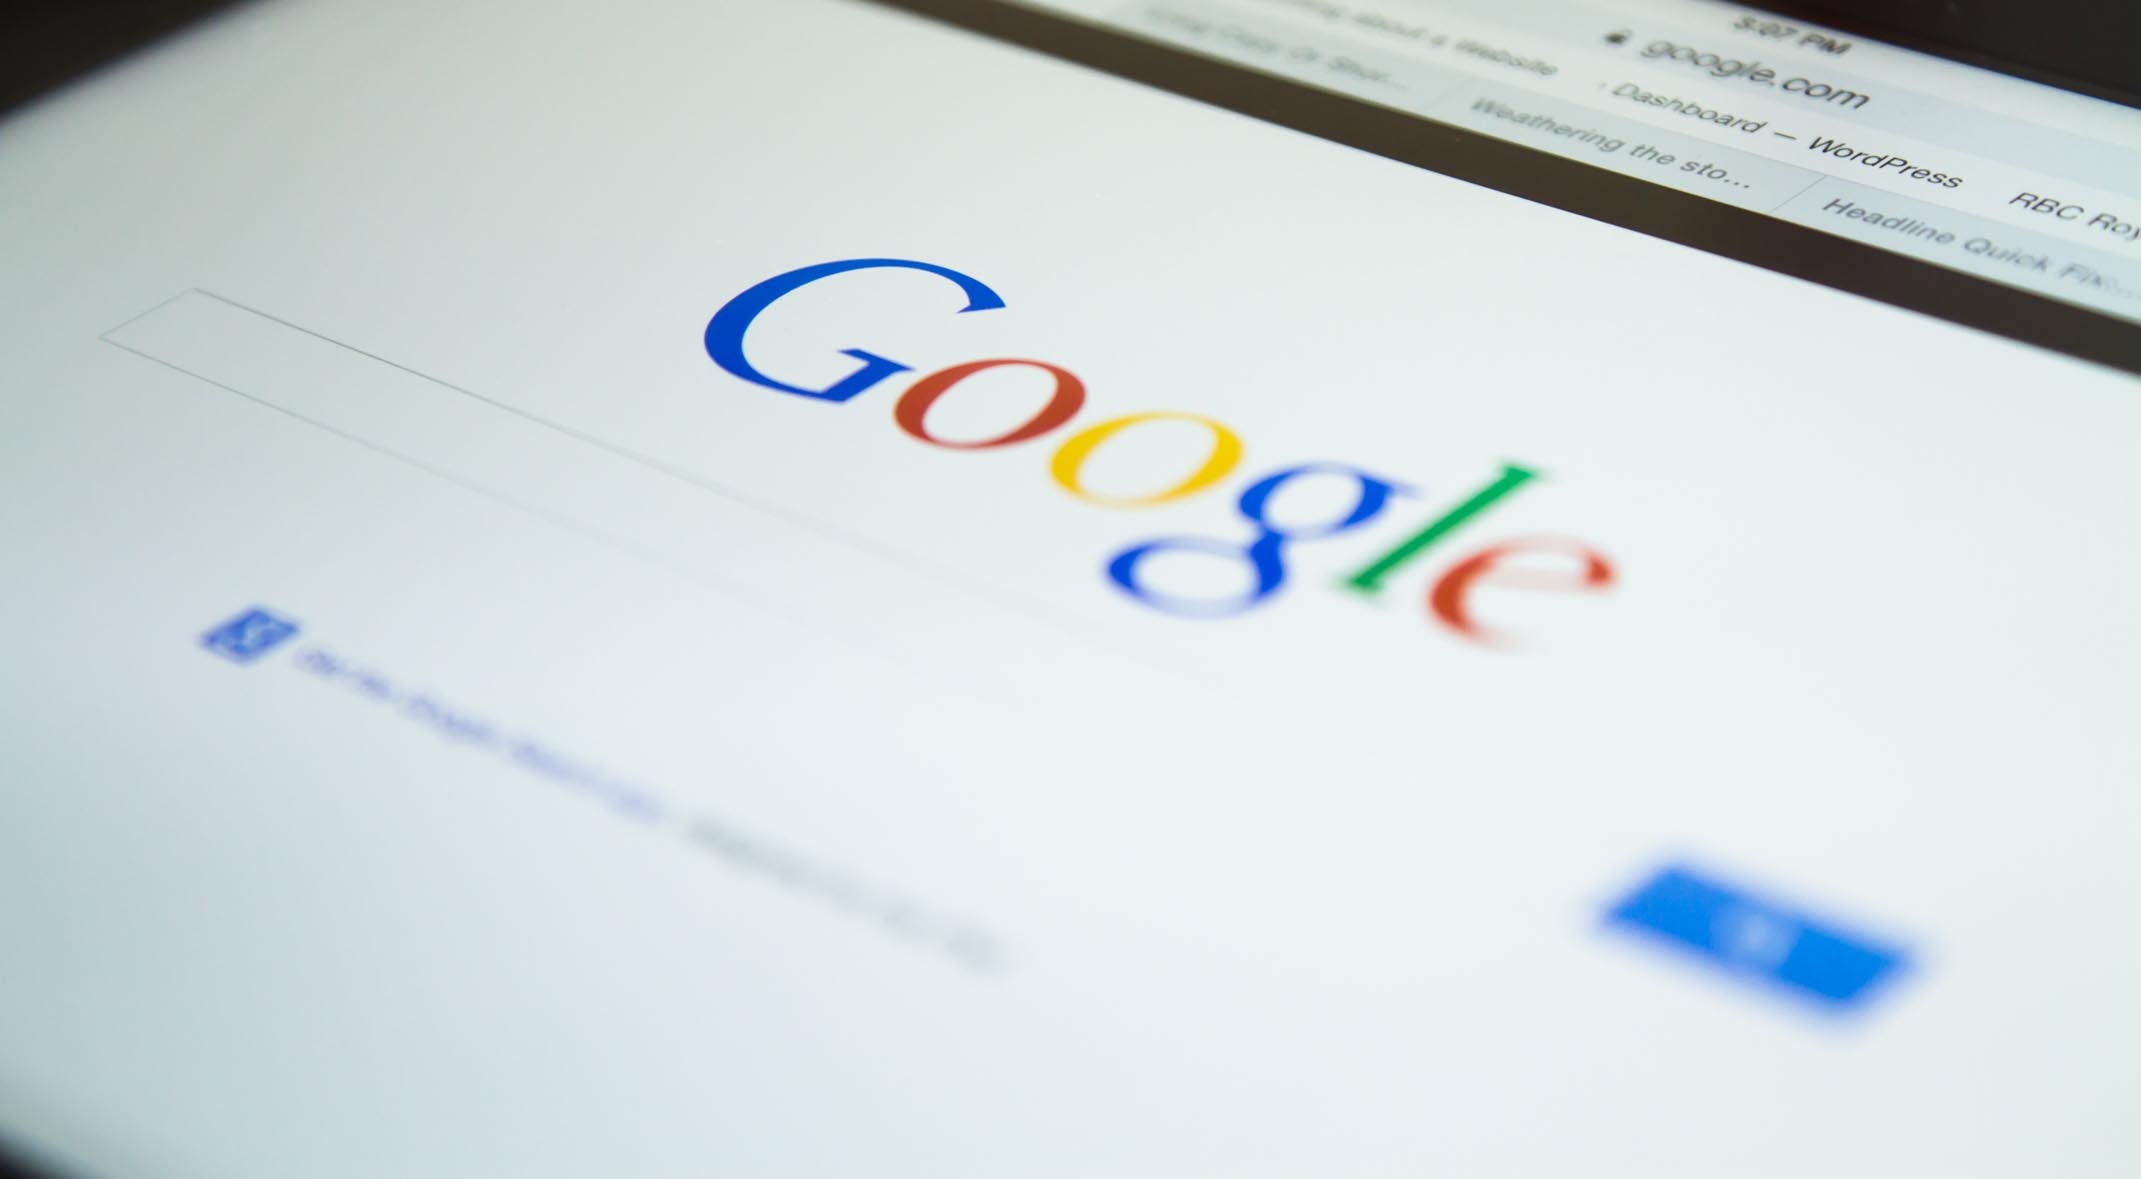 اول محتوا بعد سئو گوگل